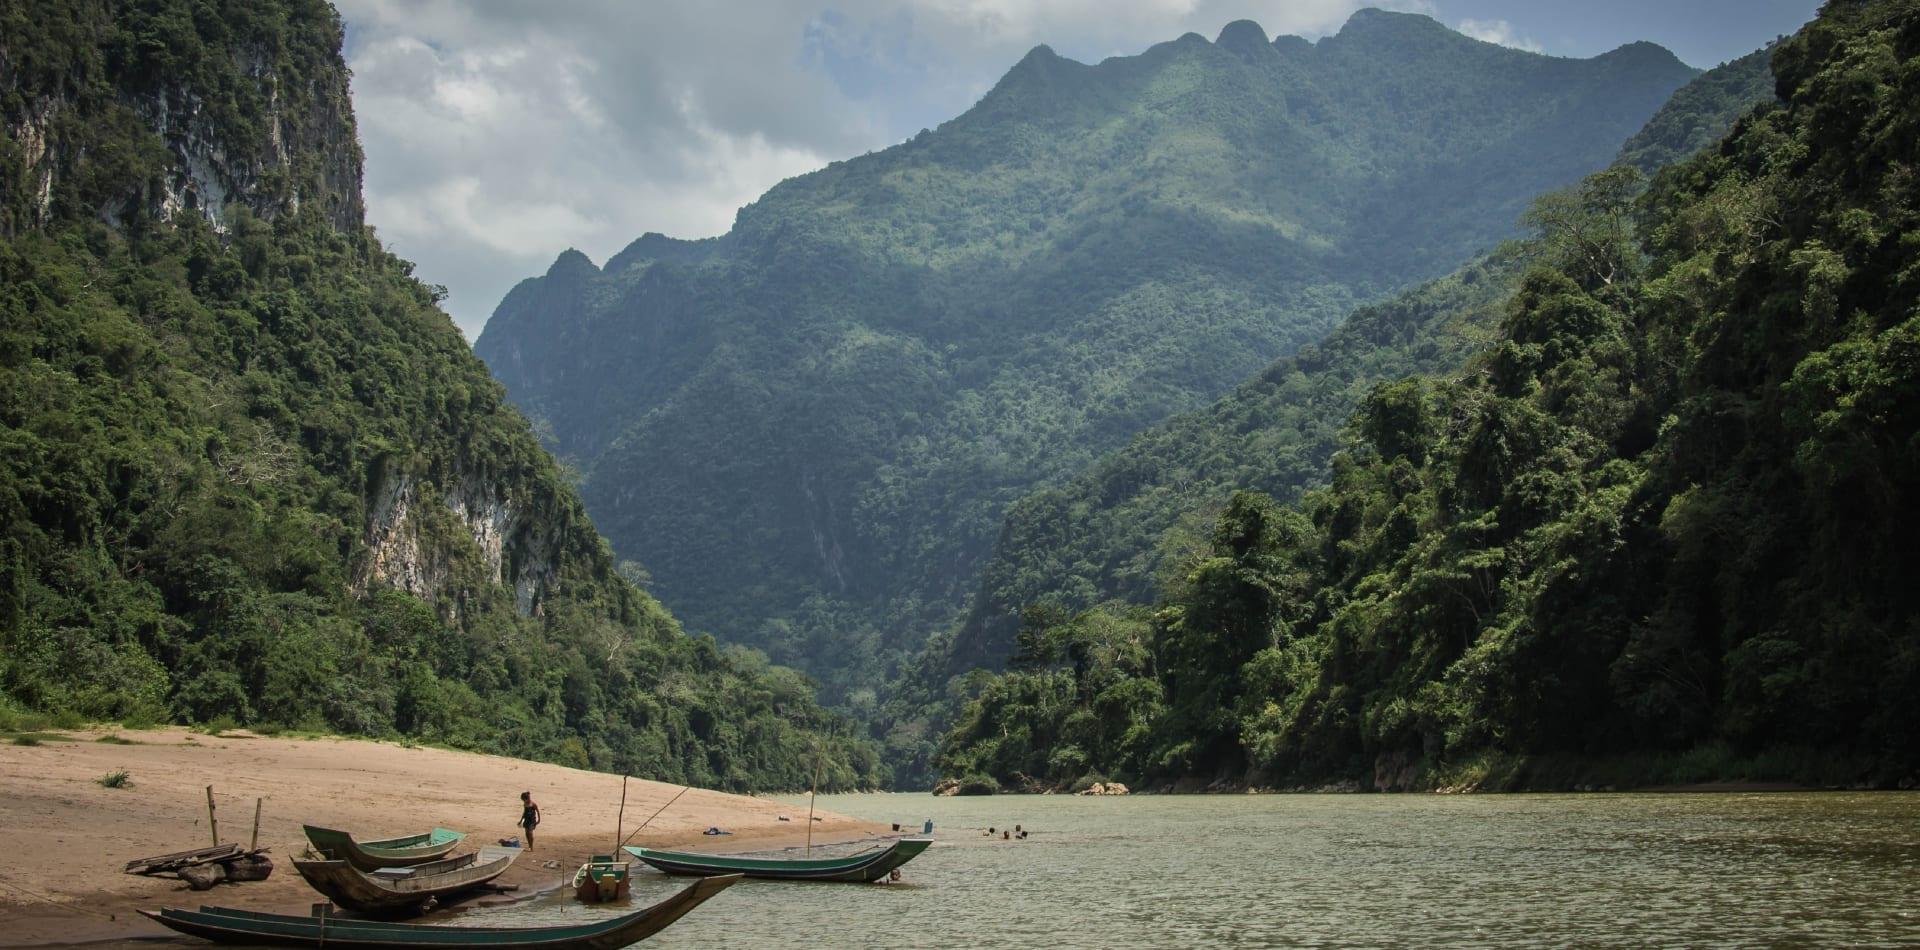 Mekong River in Laos